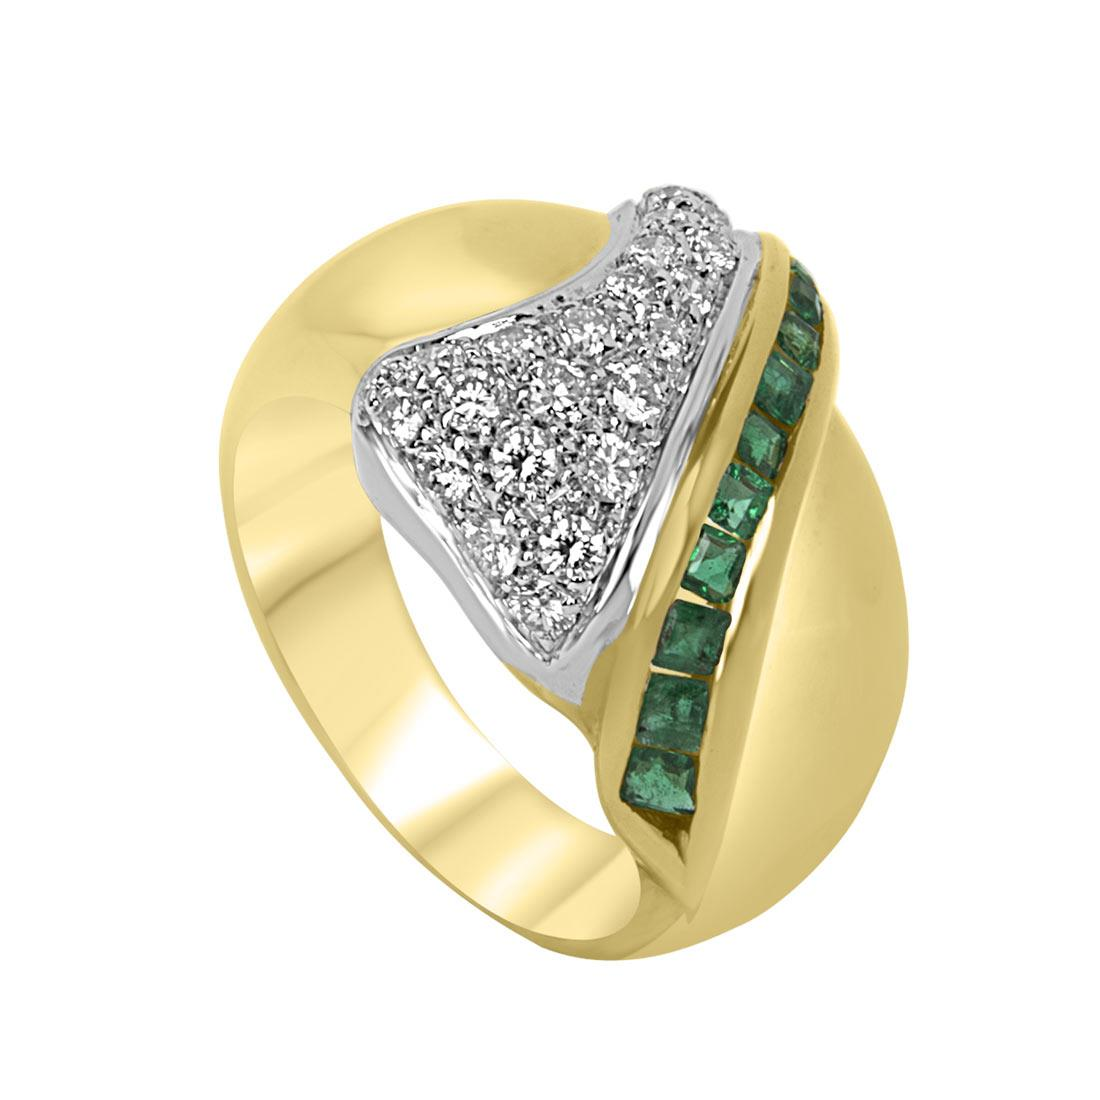 Anello a fascia in oro giallo con diamanti e smeraldi mis 16 - ORO&CO